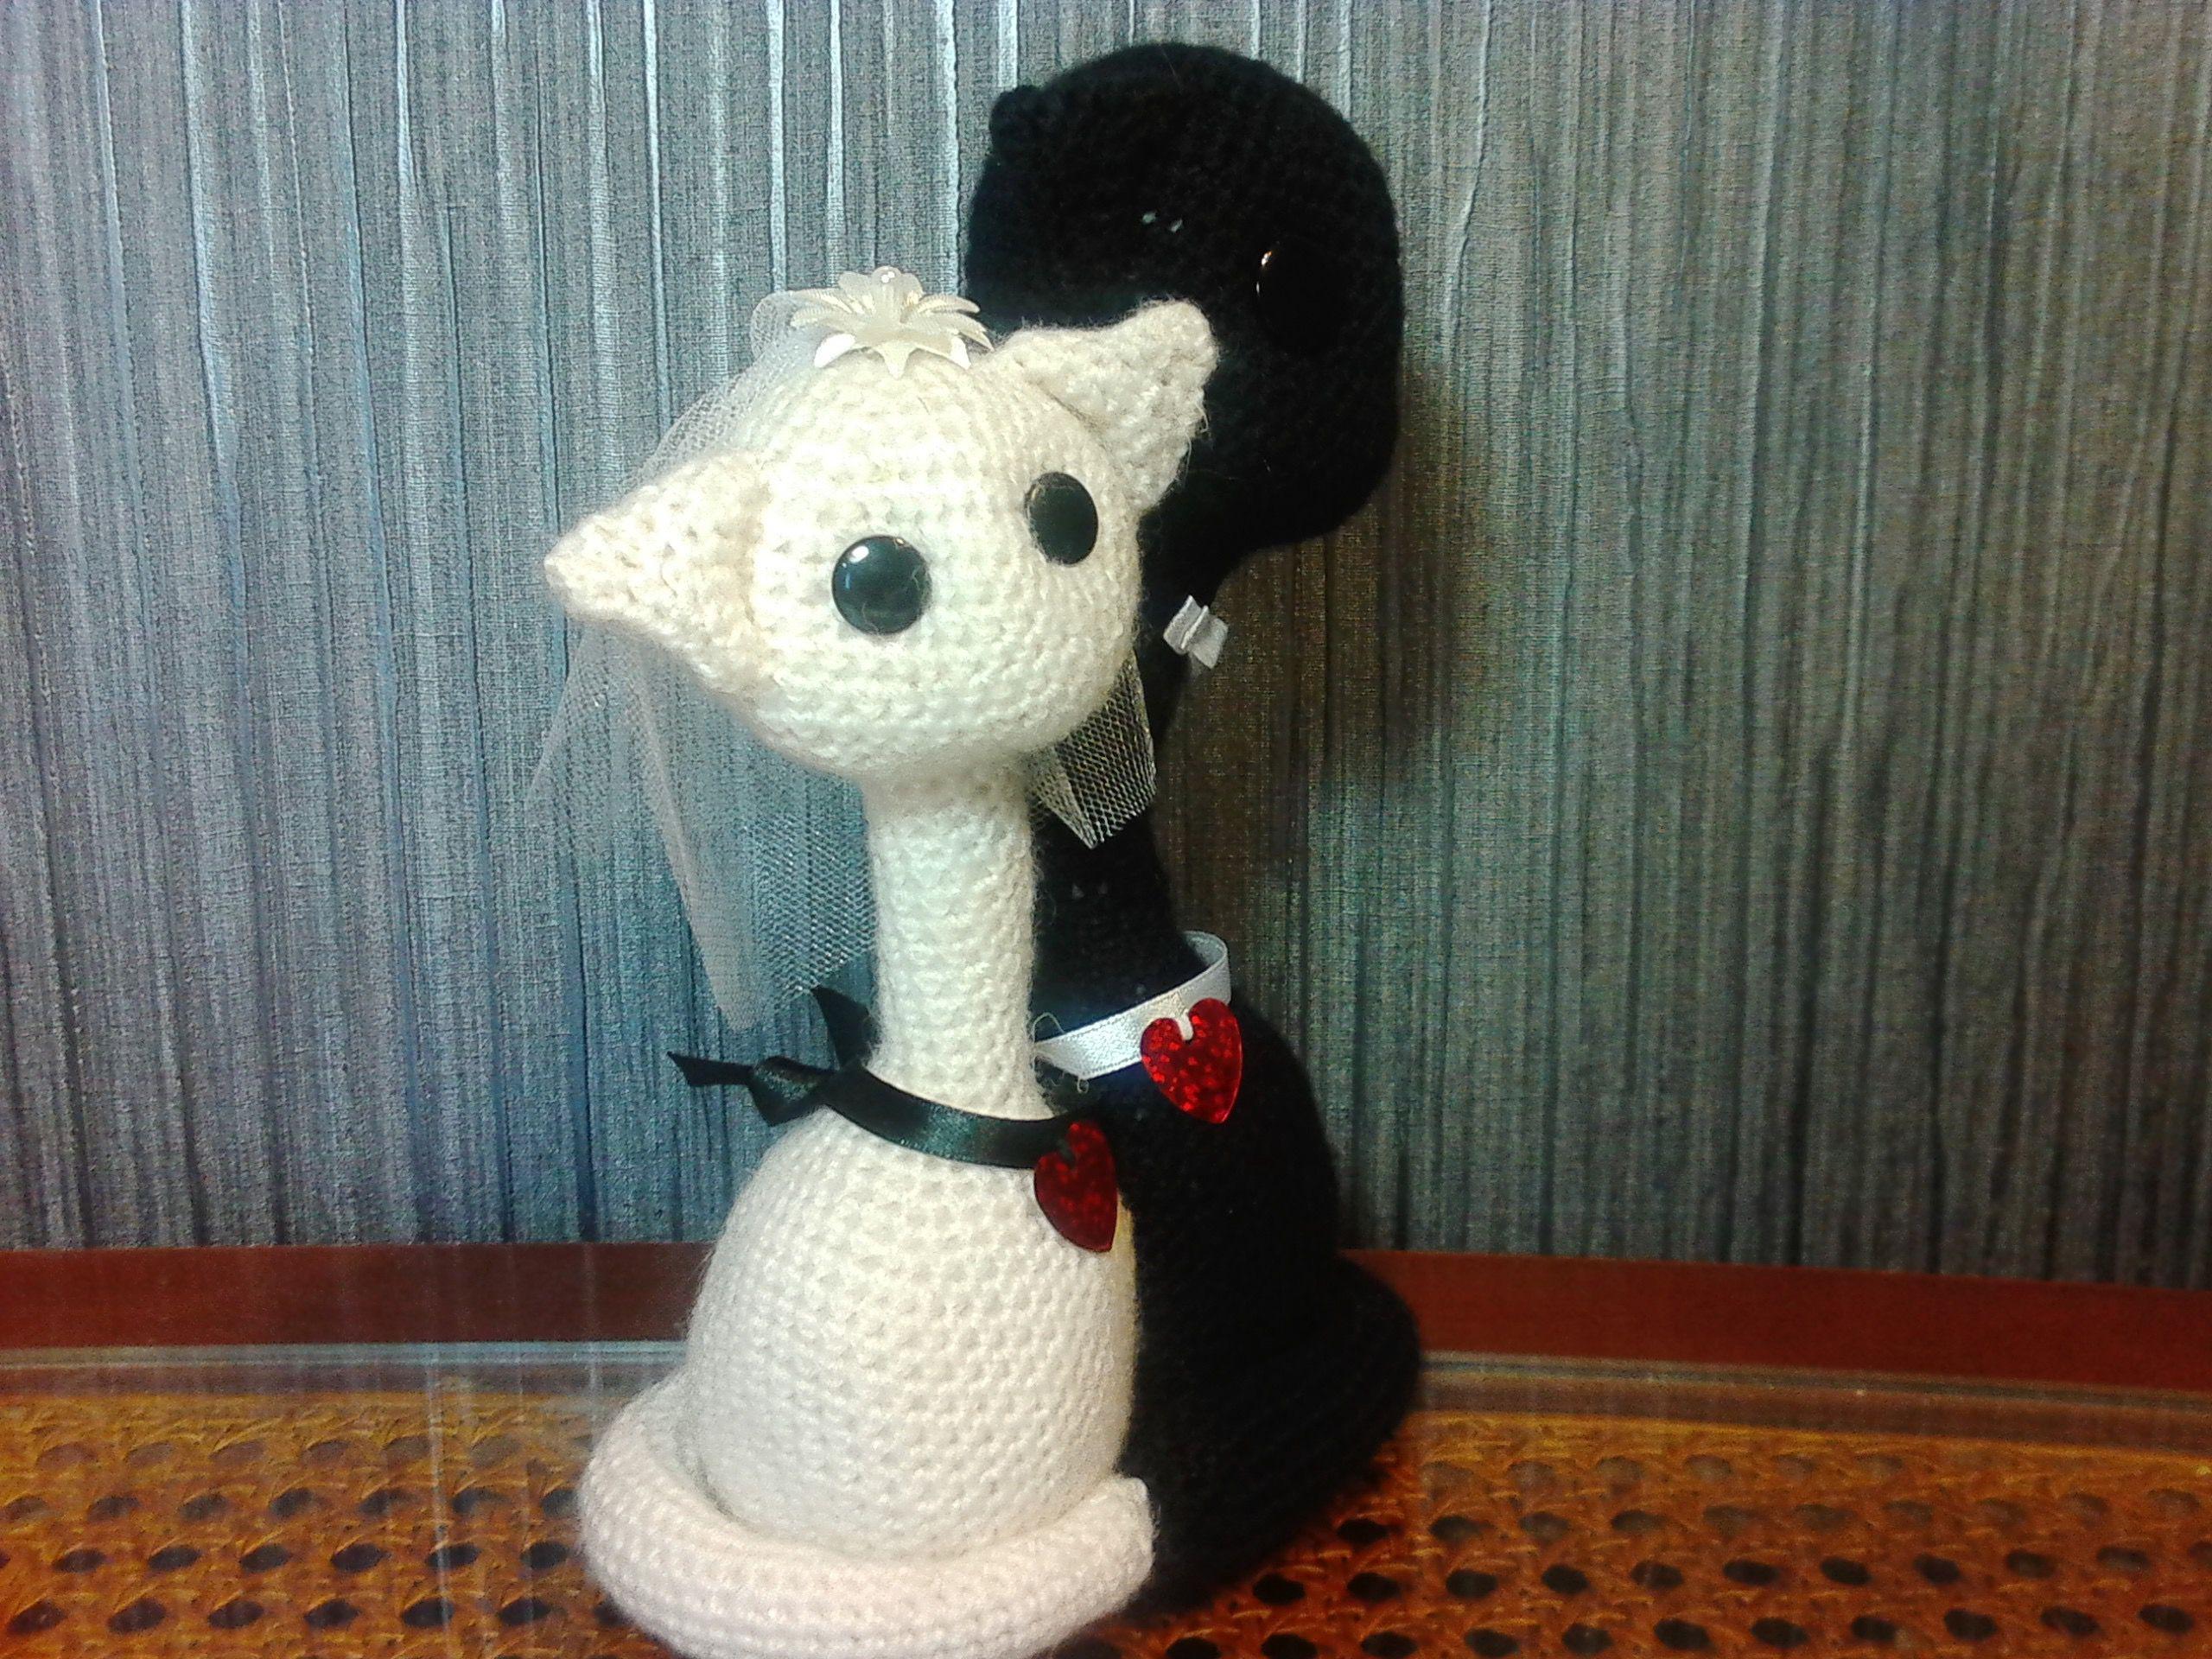 валентинка игрушка свадьбу праздник подарок день кукла рождения дети